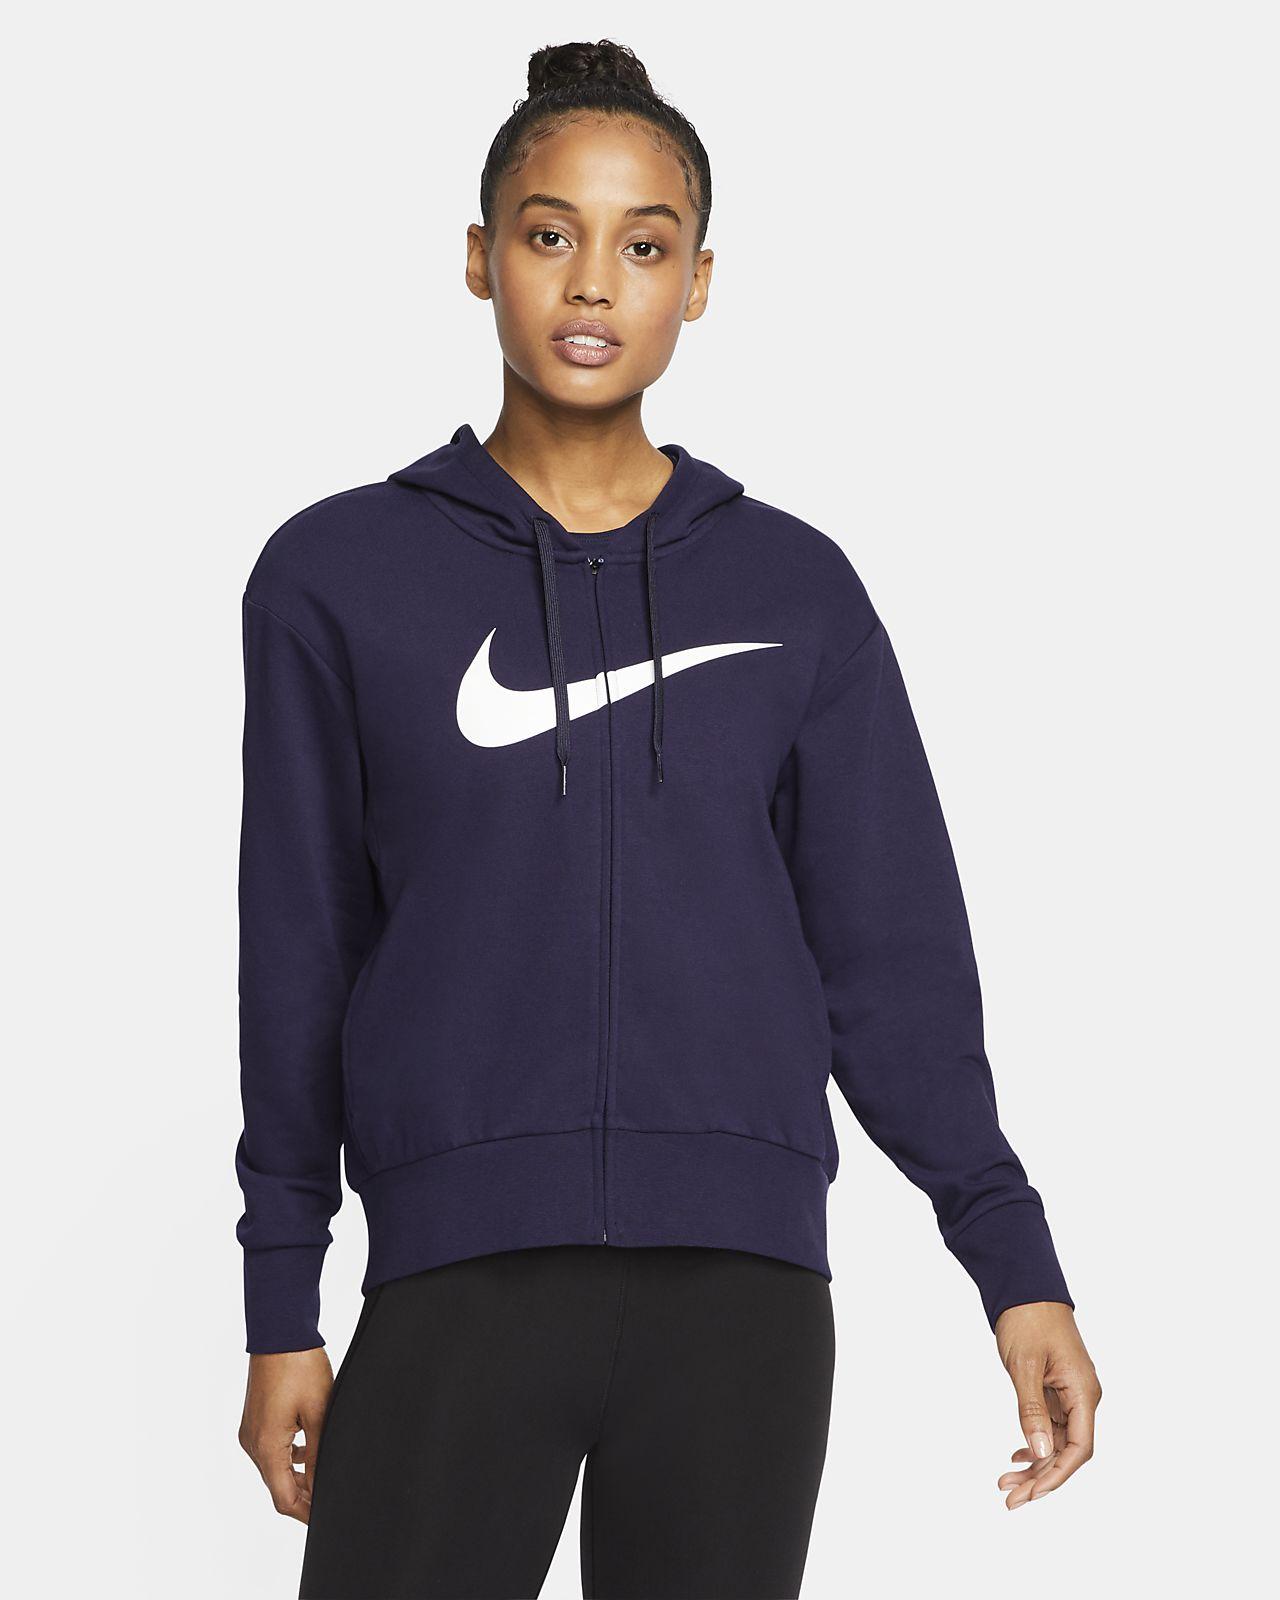 Nike Dri-FIT Get Fit Trainingshoodie met rits voor dames